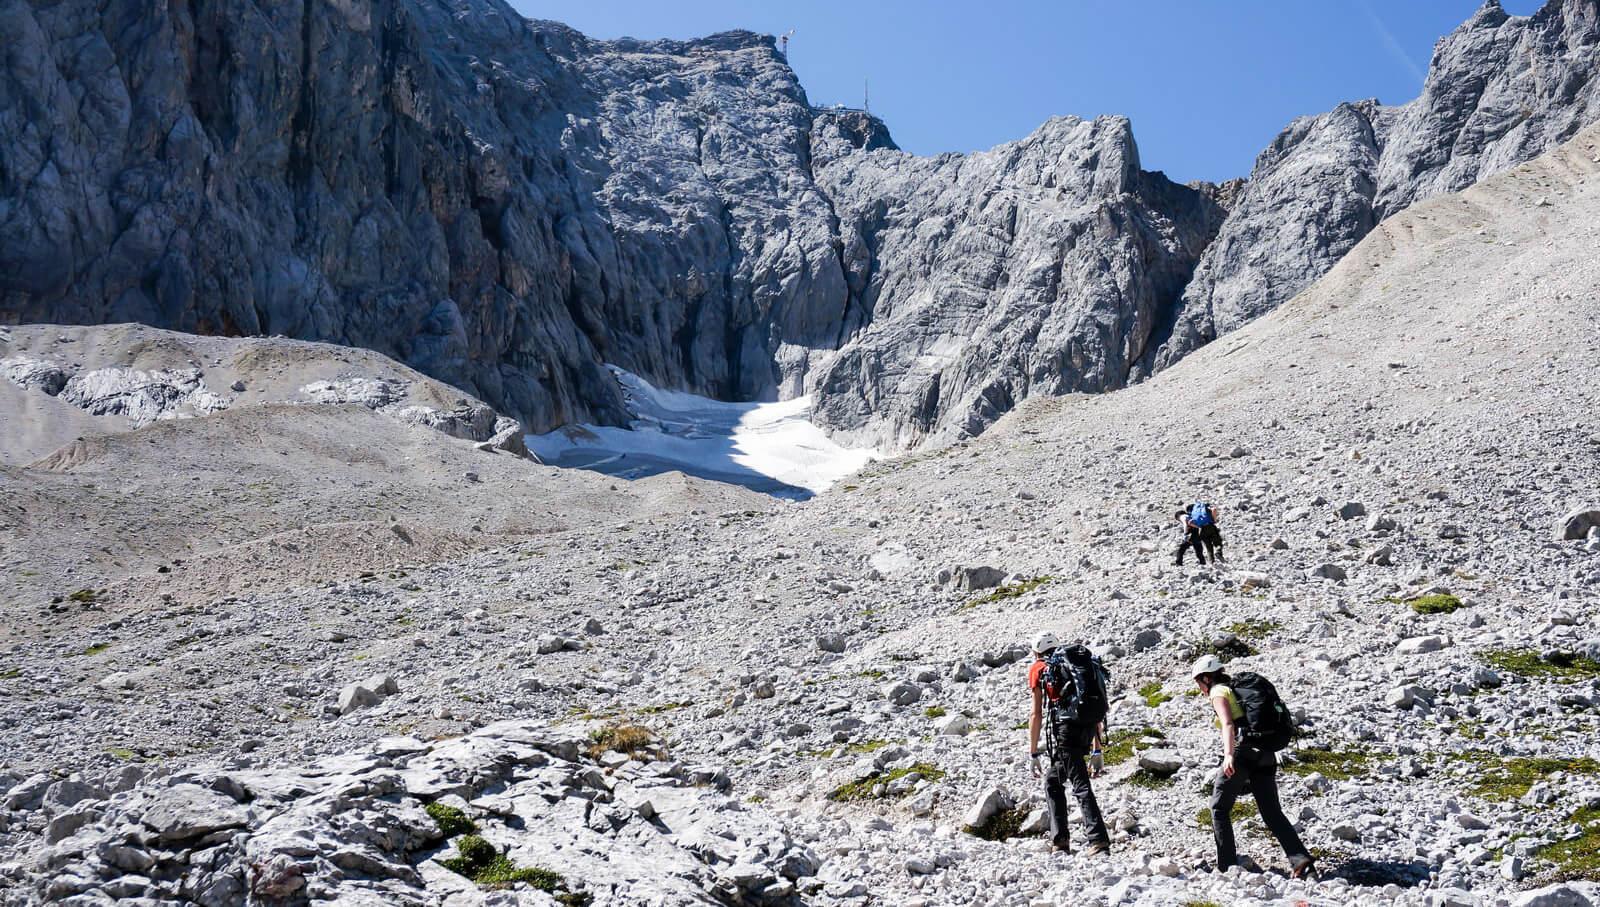 Auf dem Weg zum Gipfel von Deutschlands höchsten Berg